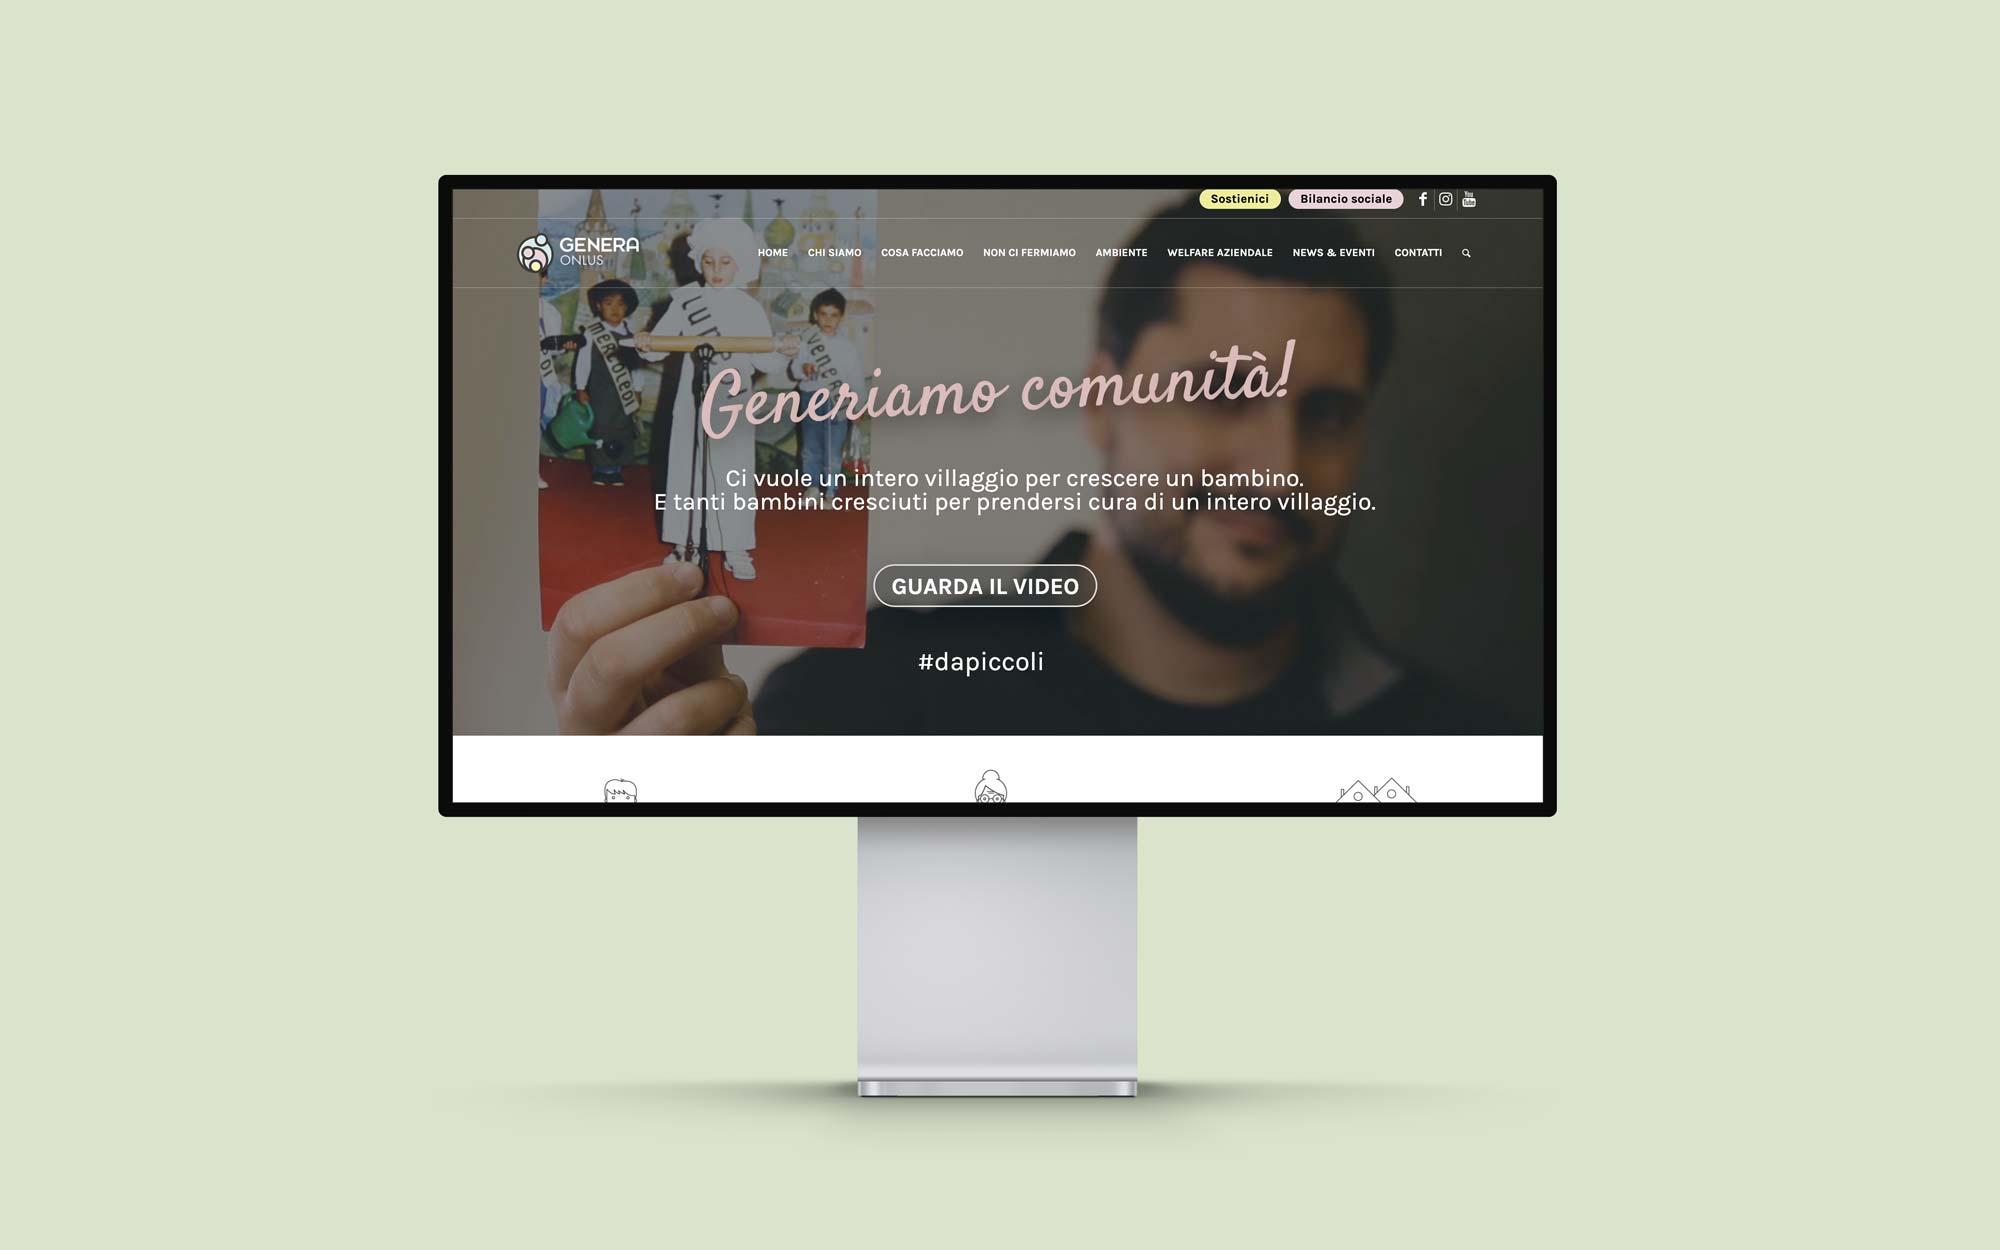 Genera-onlus-website